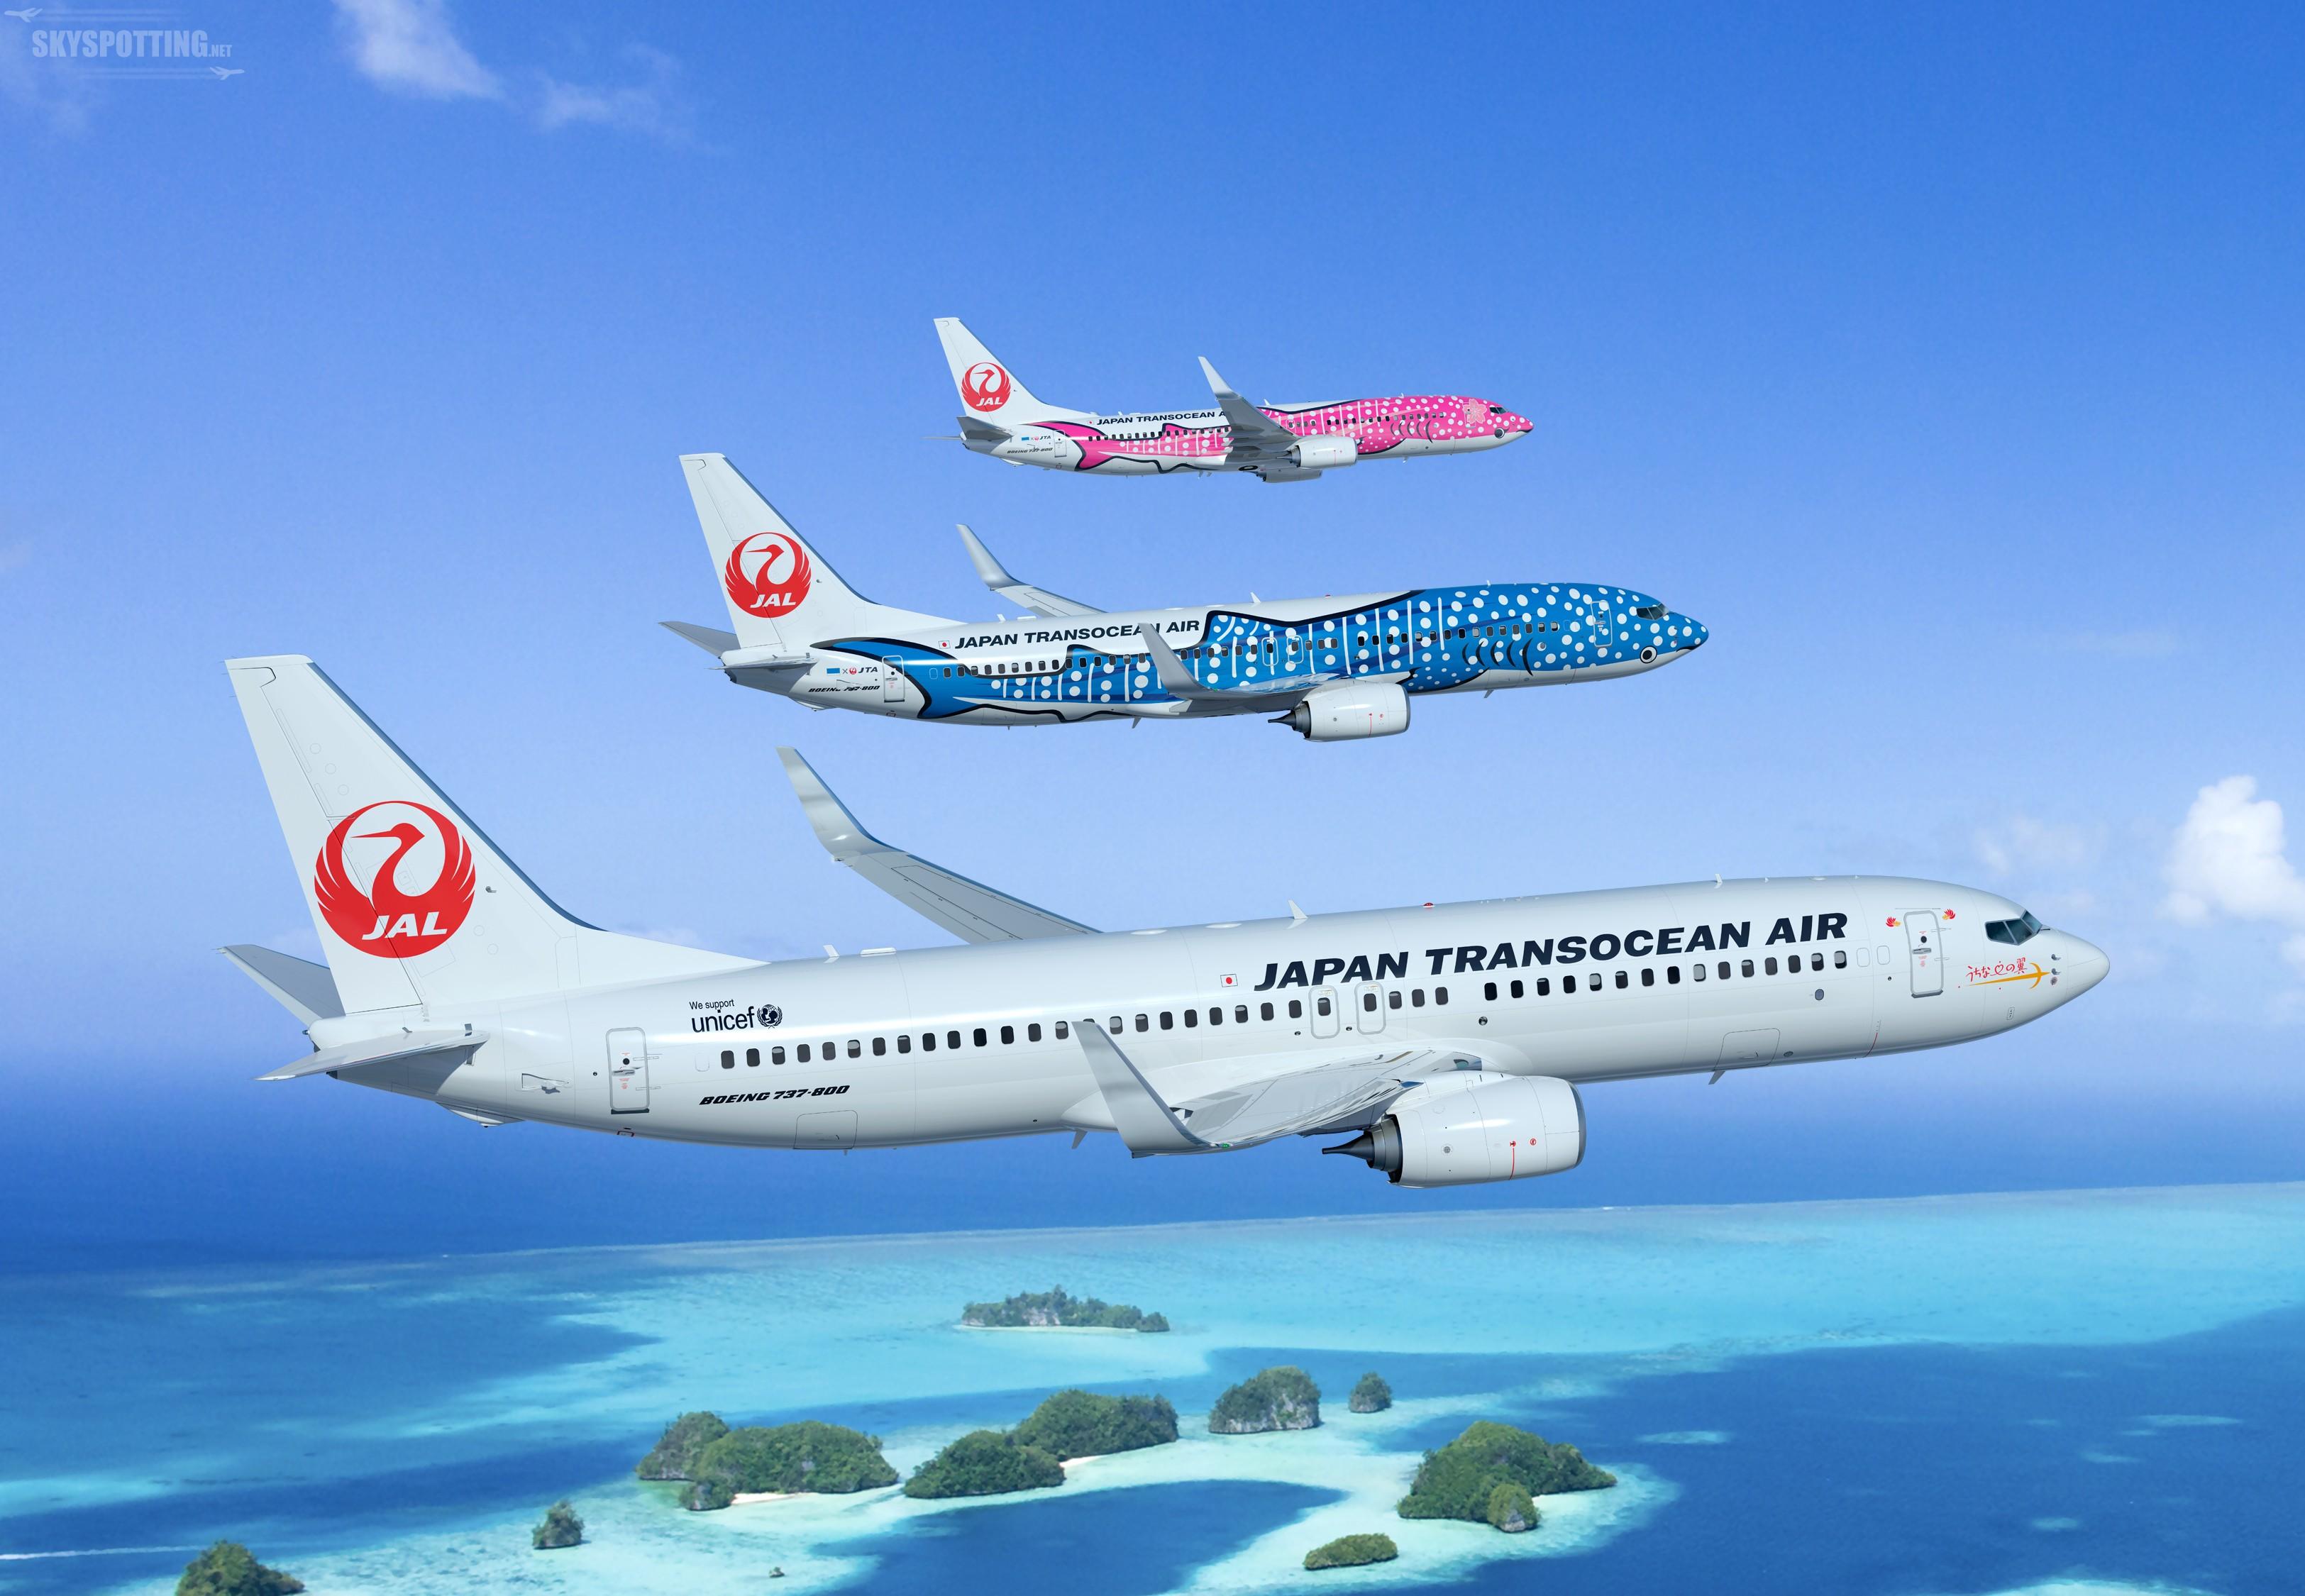 Boeing i Japan Transocean Air informują o zamówieniu 12 samolotów 737 Next-Generation